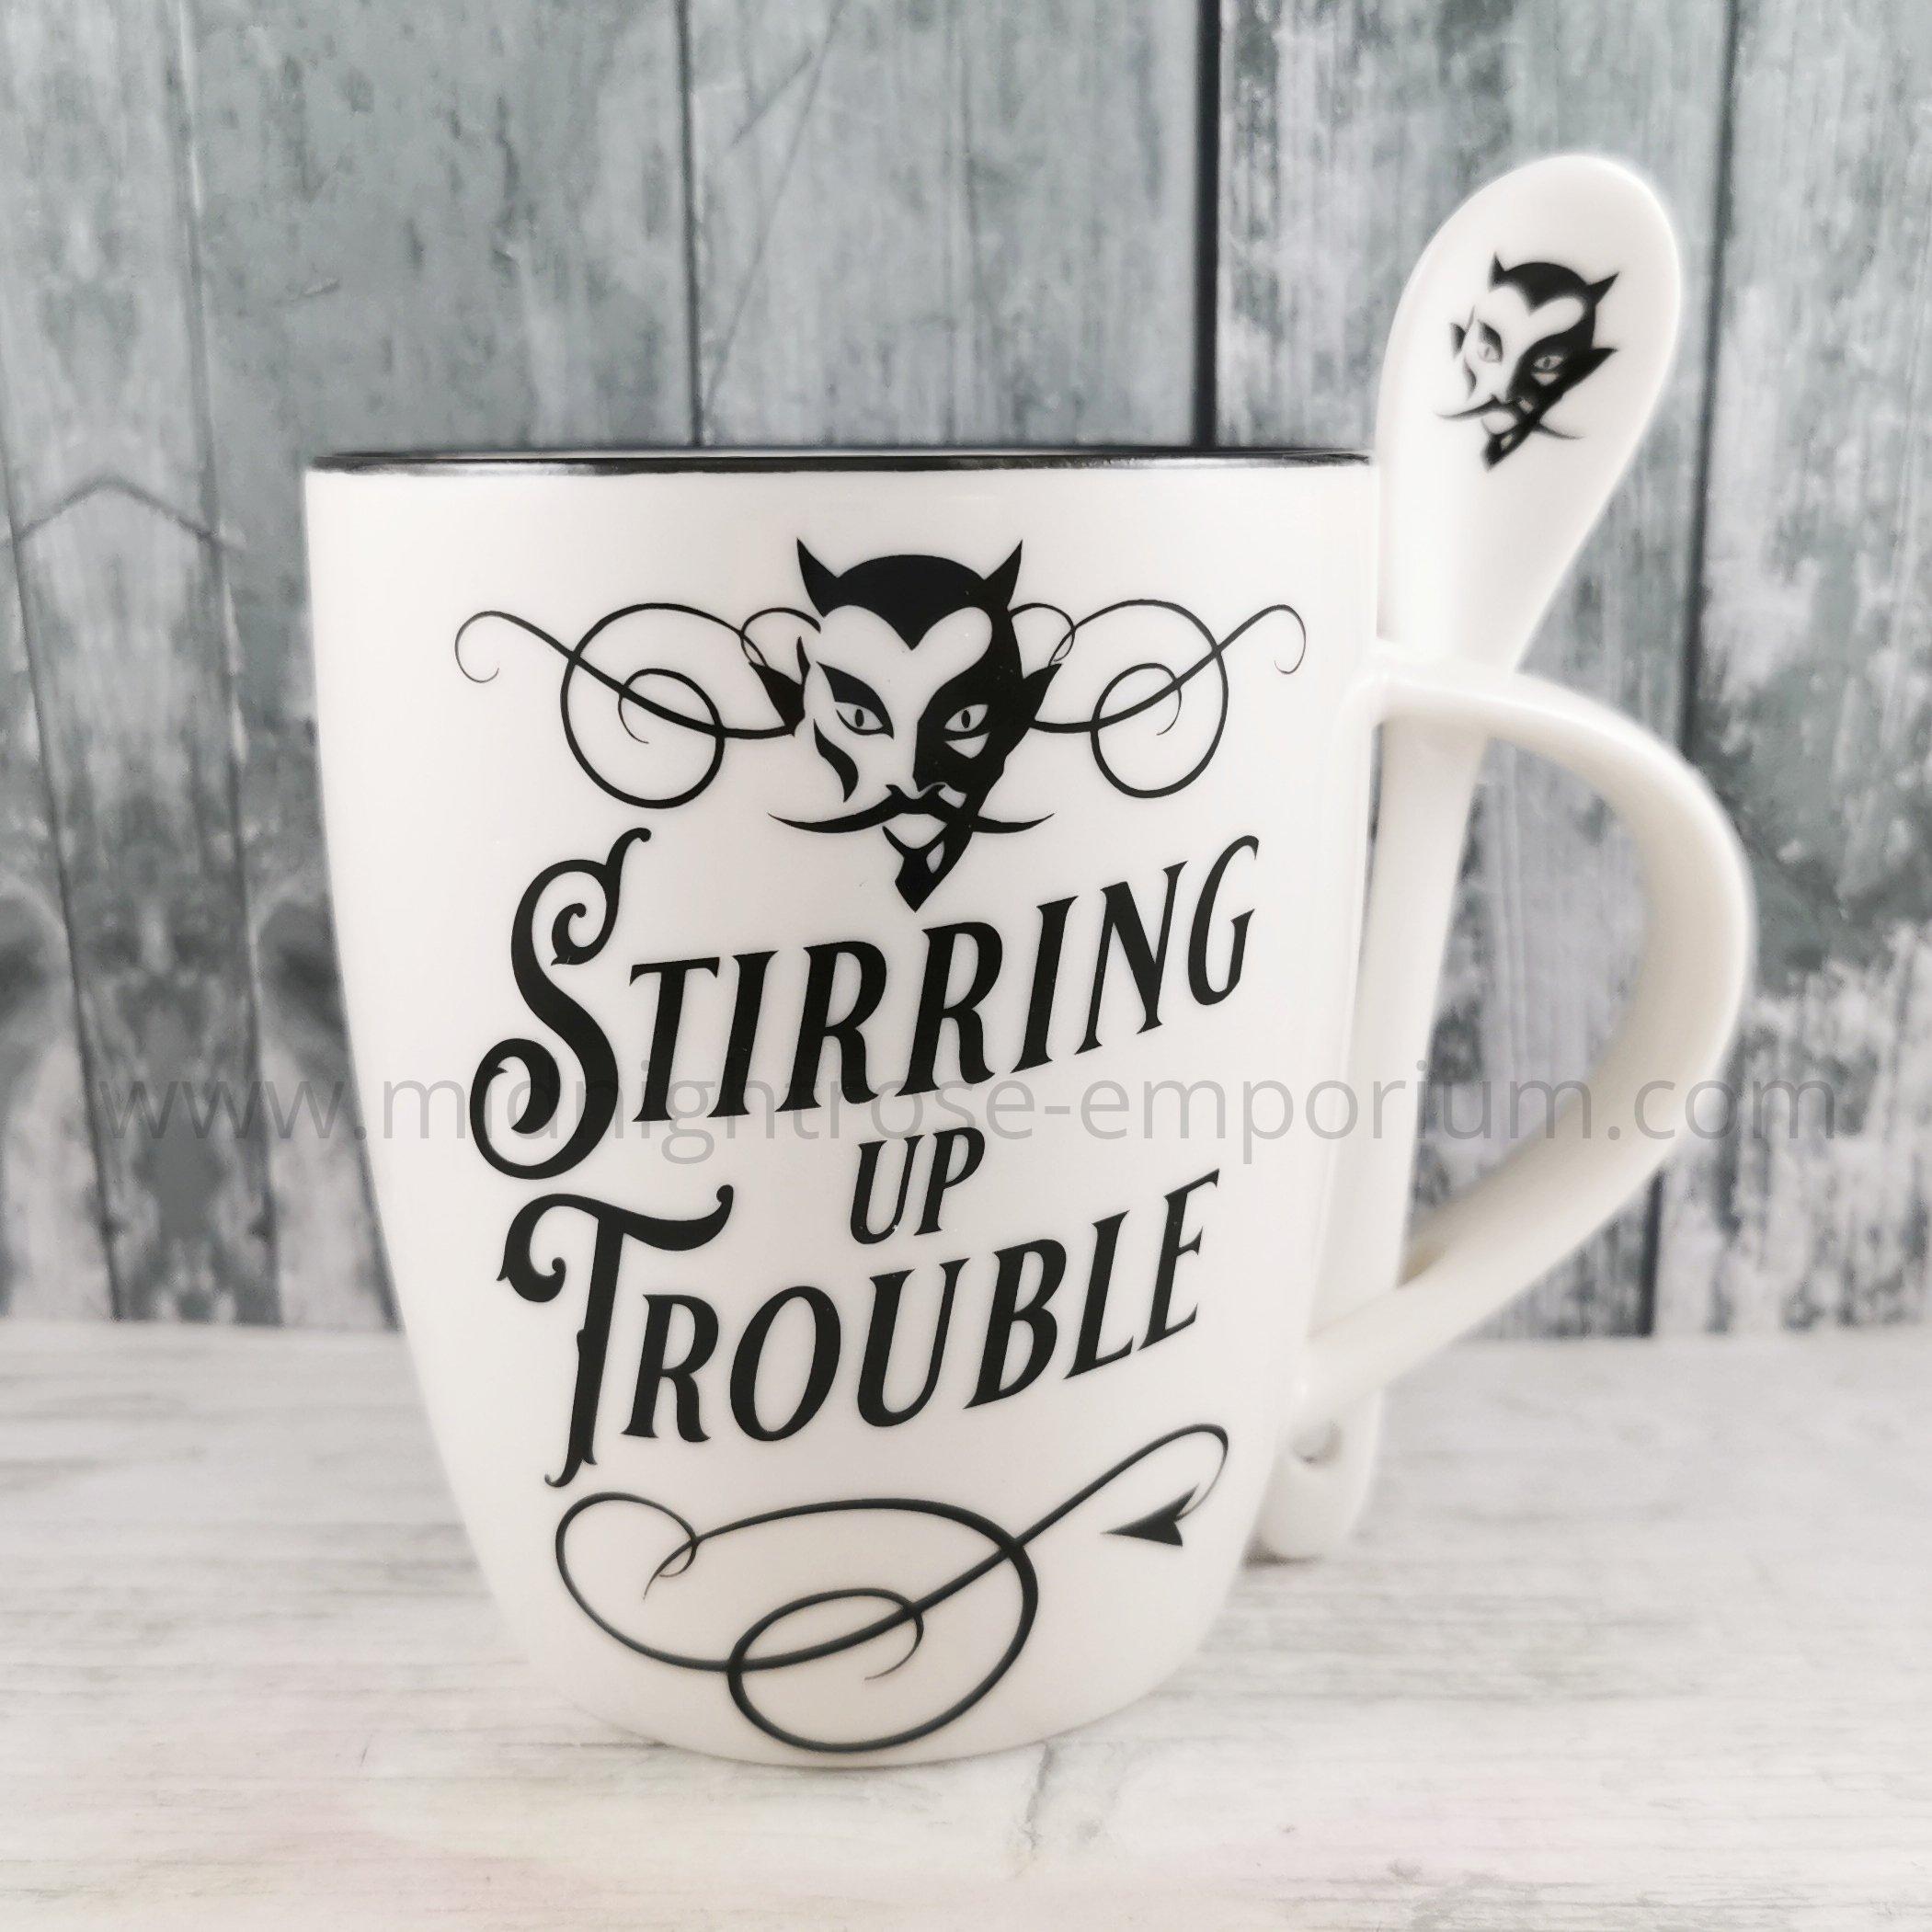 Stirring Up Trouble Mug & Spoon Set